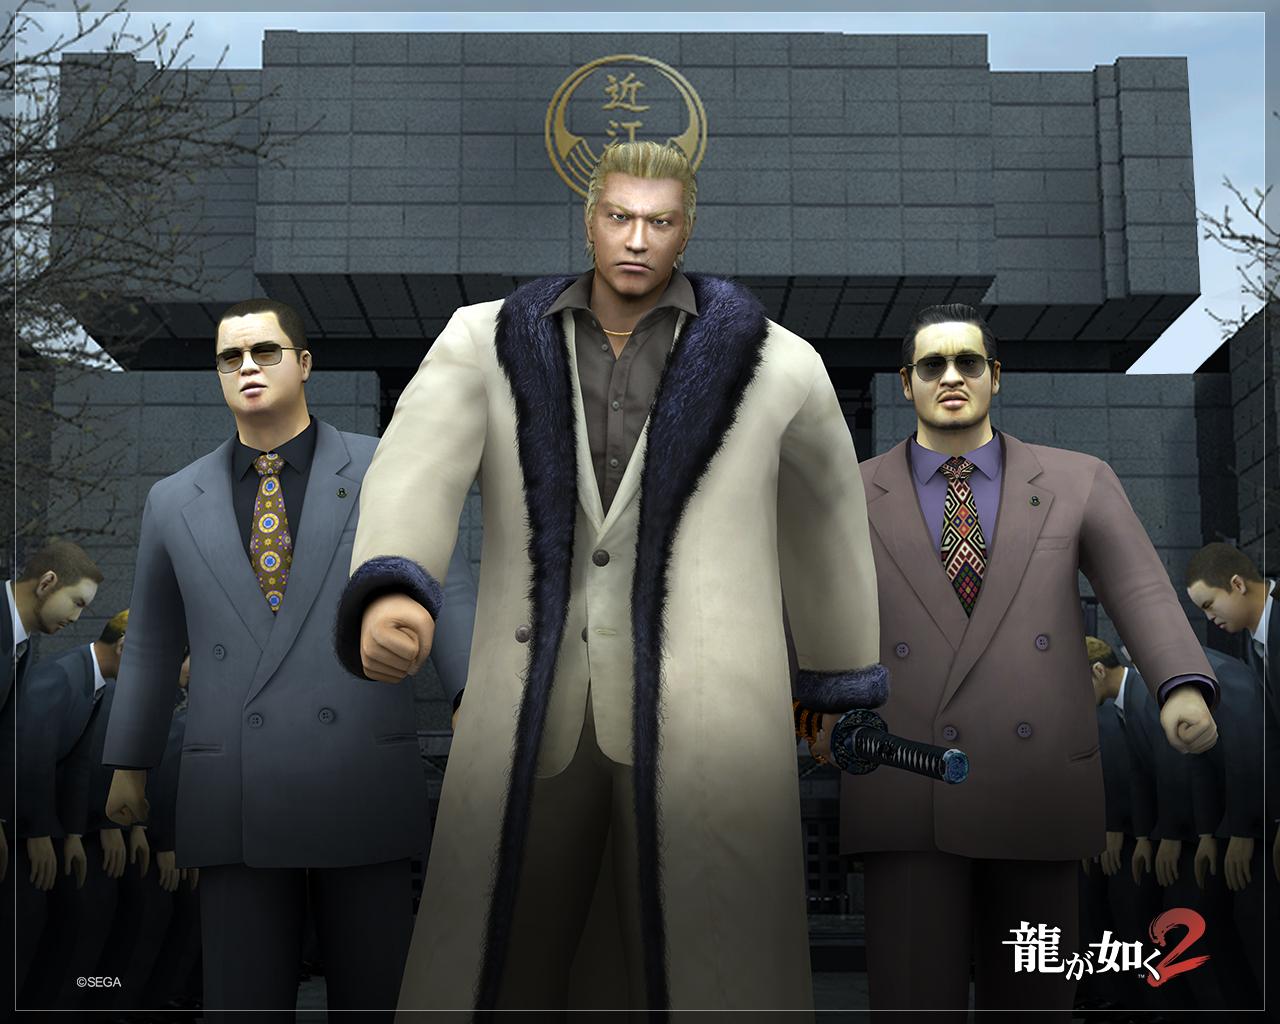 yakuza 002